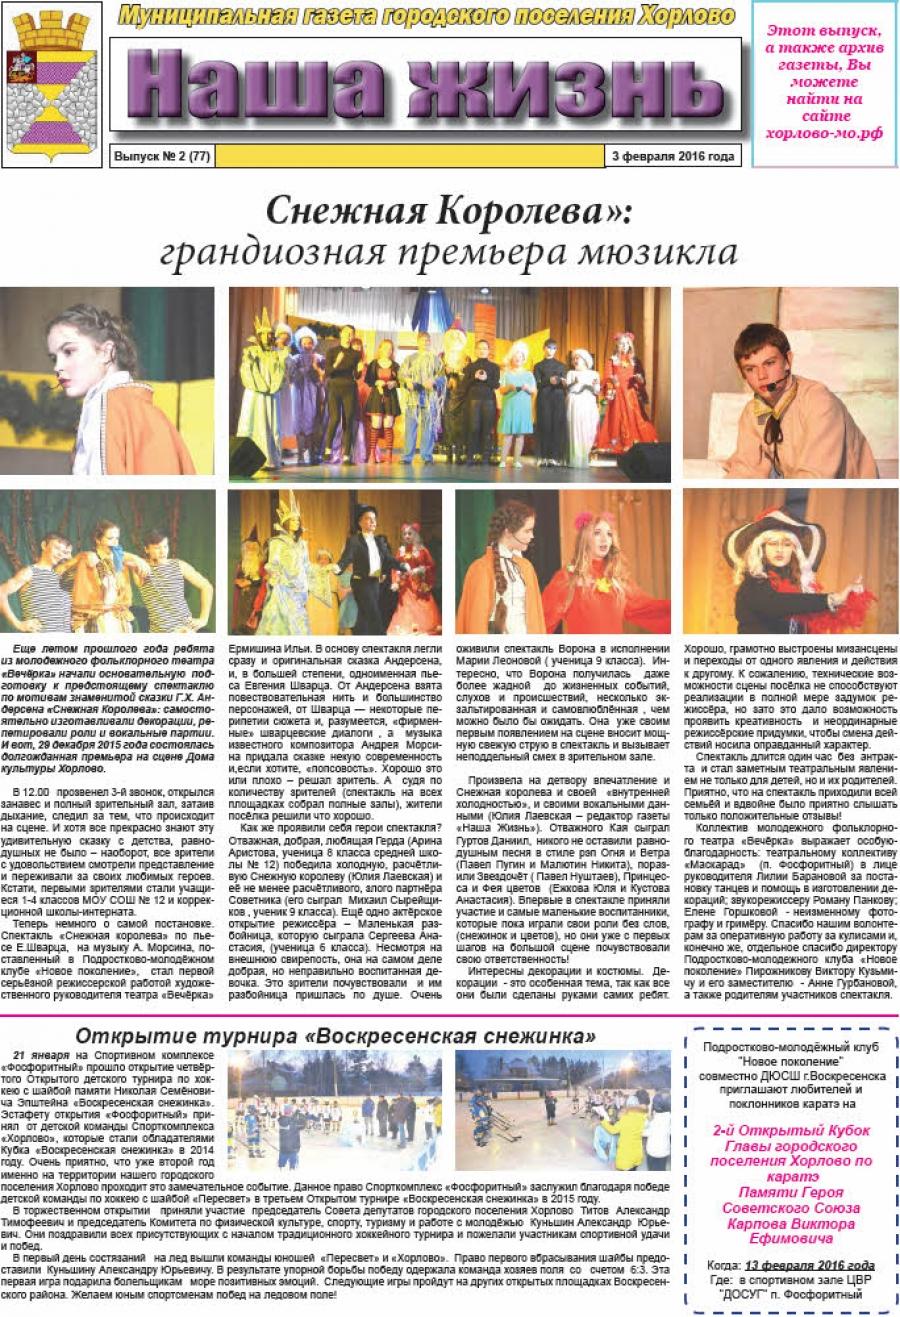 """Газета """"Наша жизнь"""" - 3 февраля 2016"""